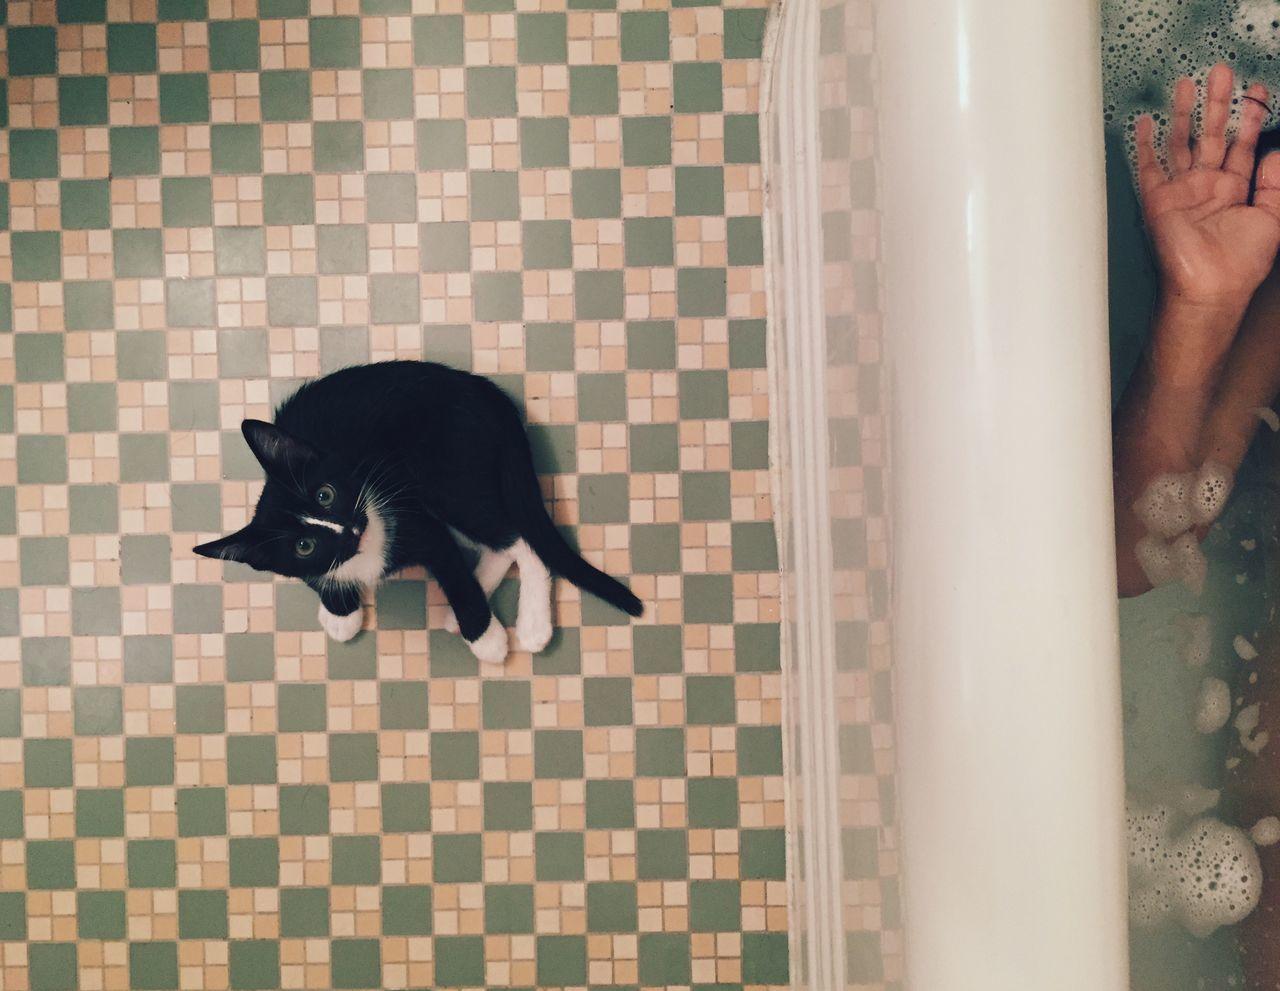 Portrait of cat sitting by bathtub in bathroom